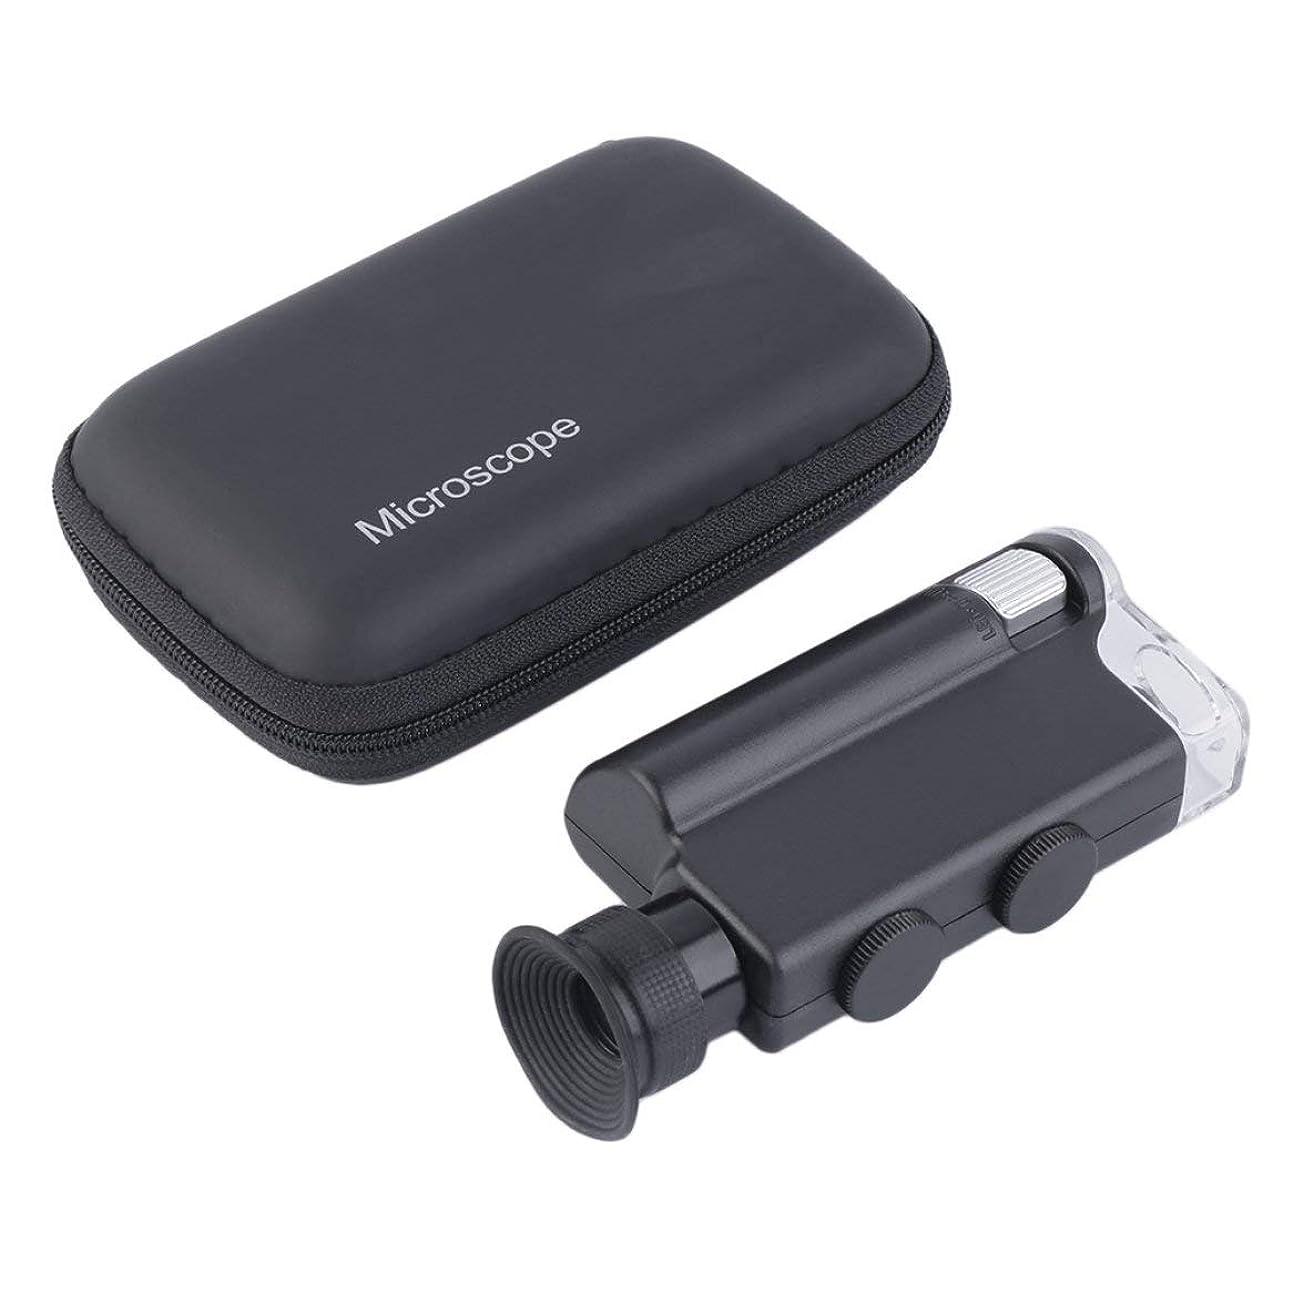 サスペンション煙突社交的新しいミニポータブル顕微鏡ポケット200X?240XハンドヘルドLEDランプライトルーペズーム拡大鏡拡大鏡ポケットレンズ-ブラック